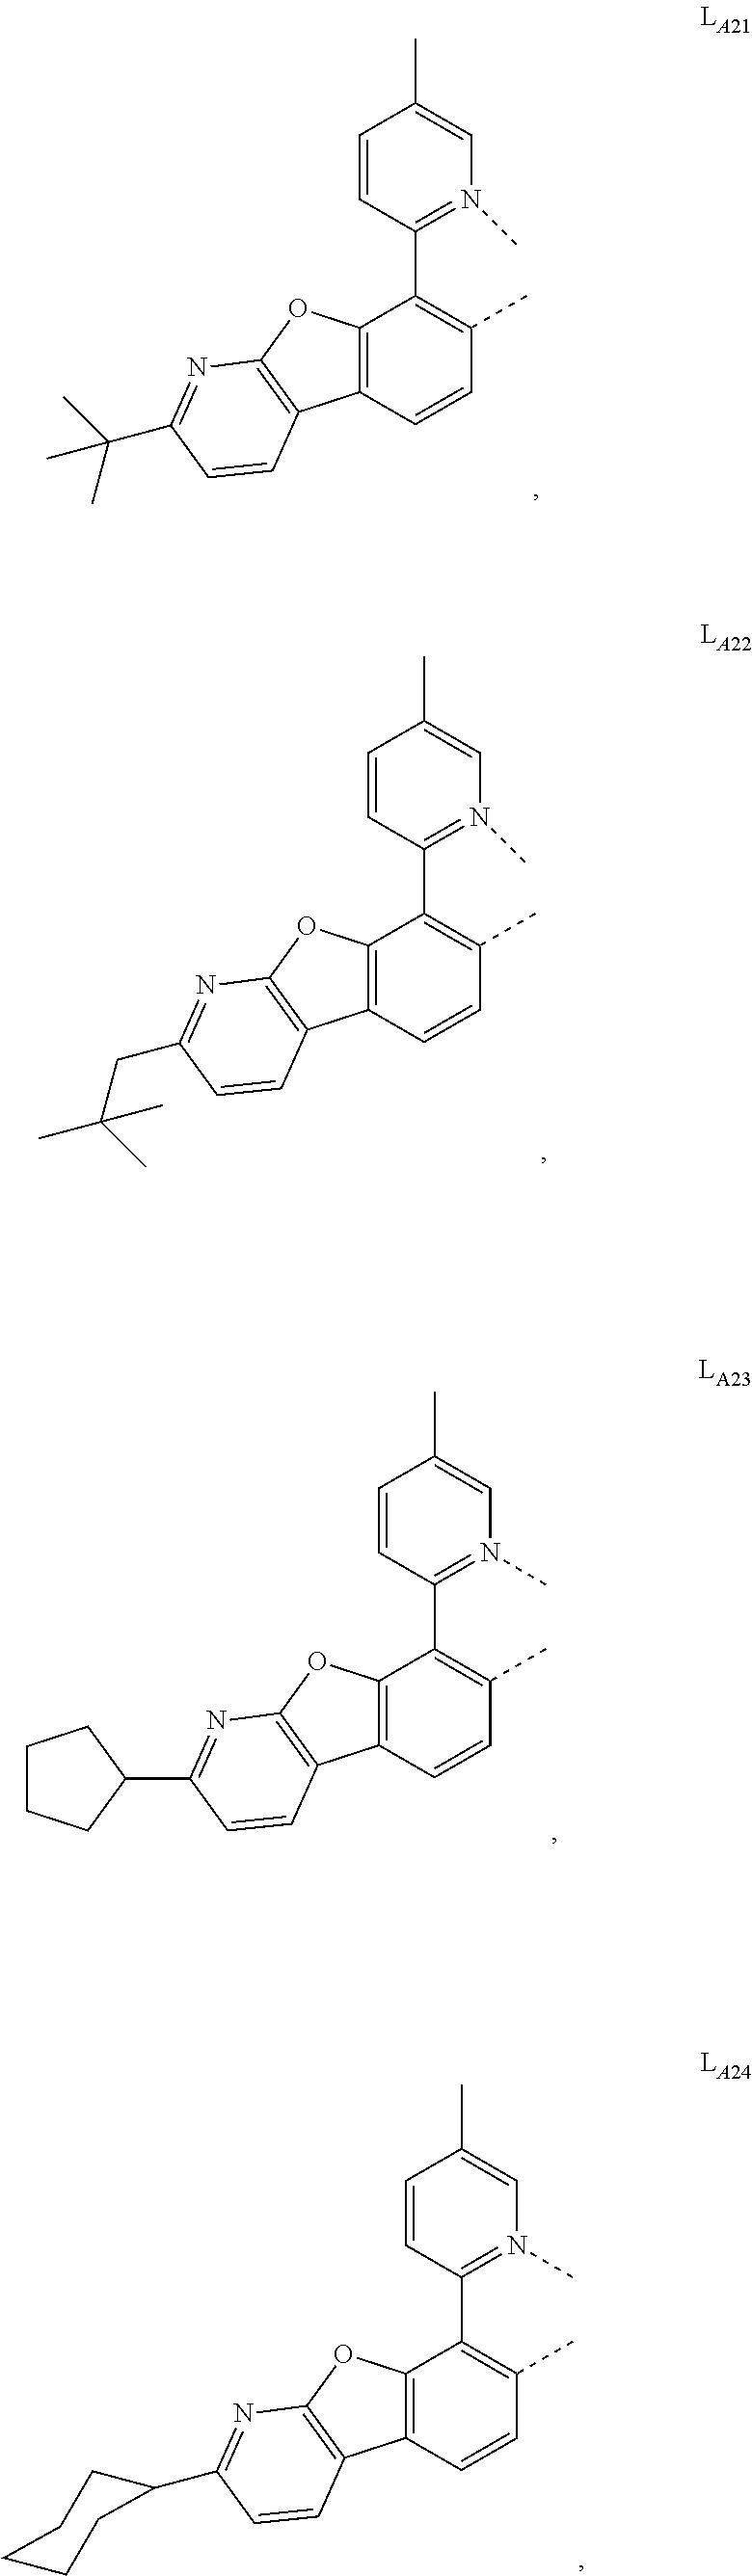 Figure US20160049599A1-20160218-C00013